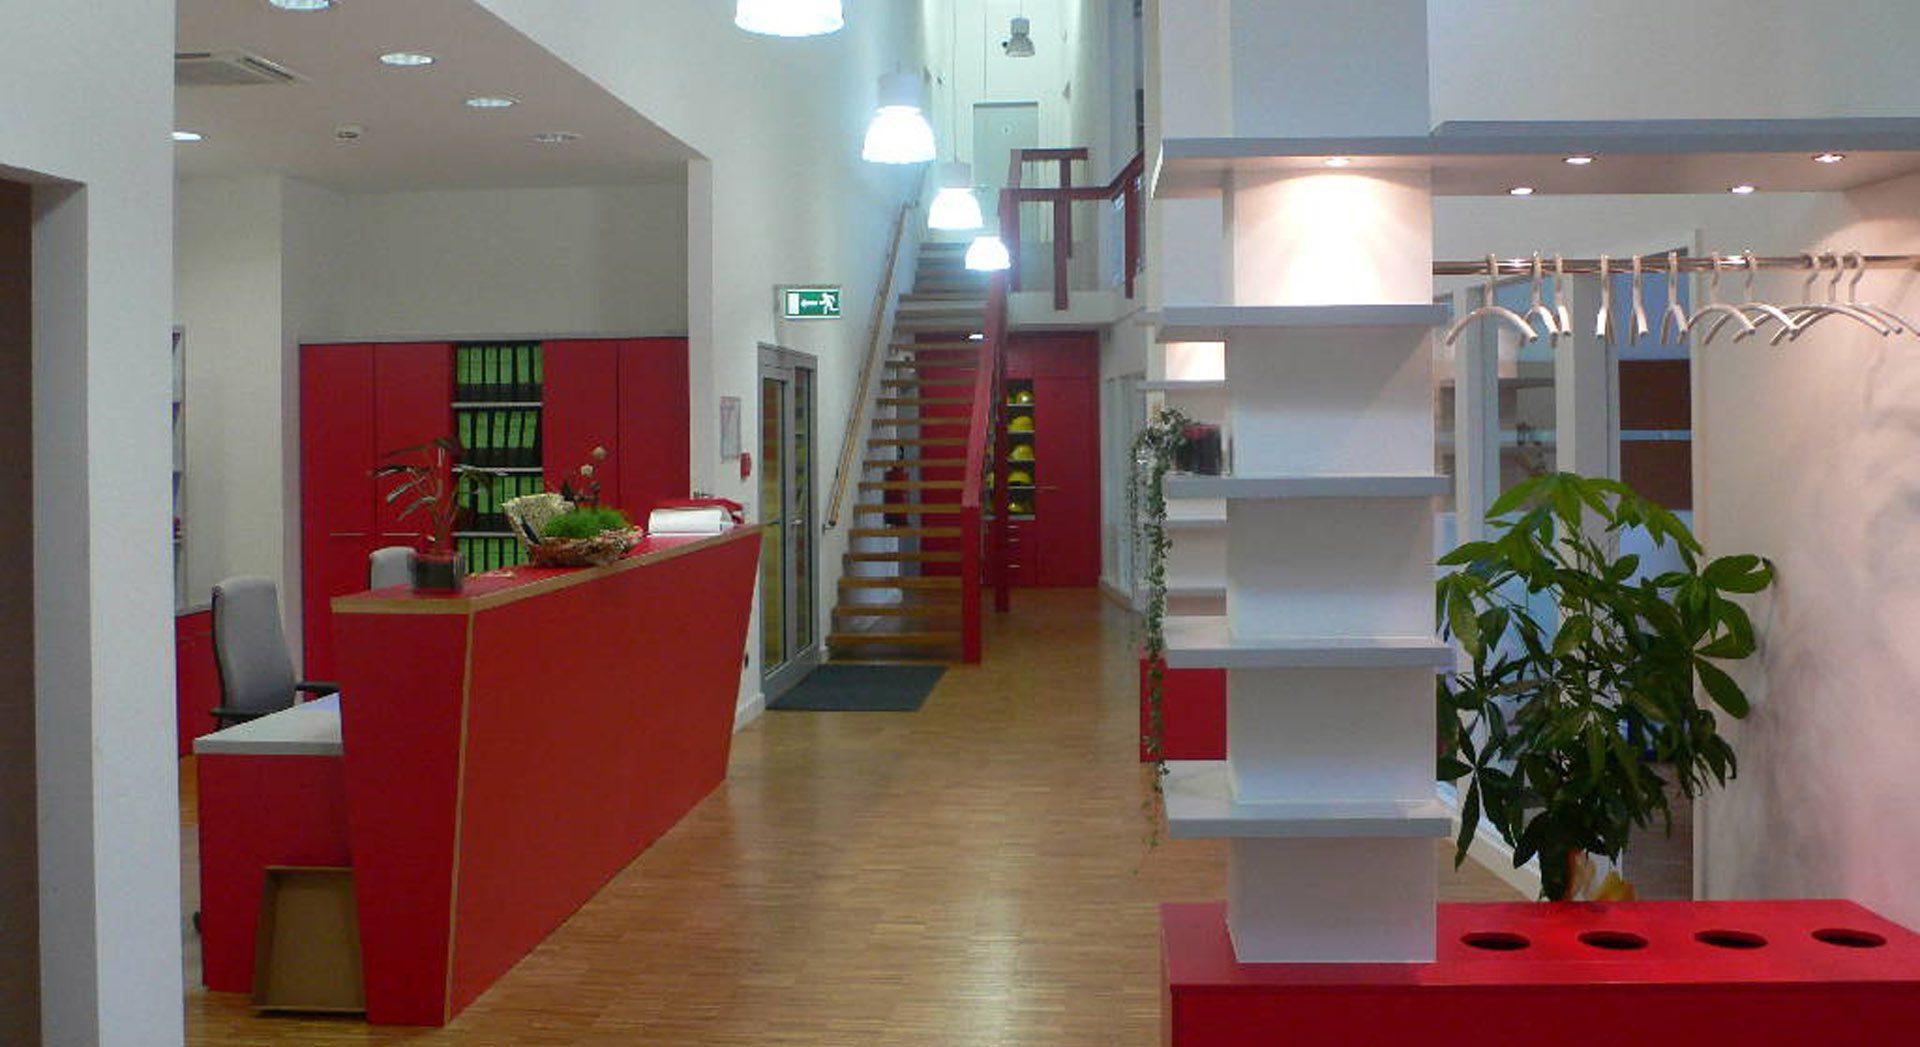 Gewerbearchitektur; Innenarchitektur; Möbeldesign; Ladeneinrichtung; Raumgestaltung; Empfang; Lobby; Entreé; Theke; Tresen; Lobby; Rezeption;